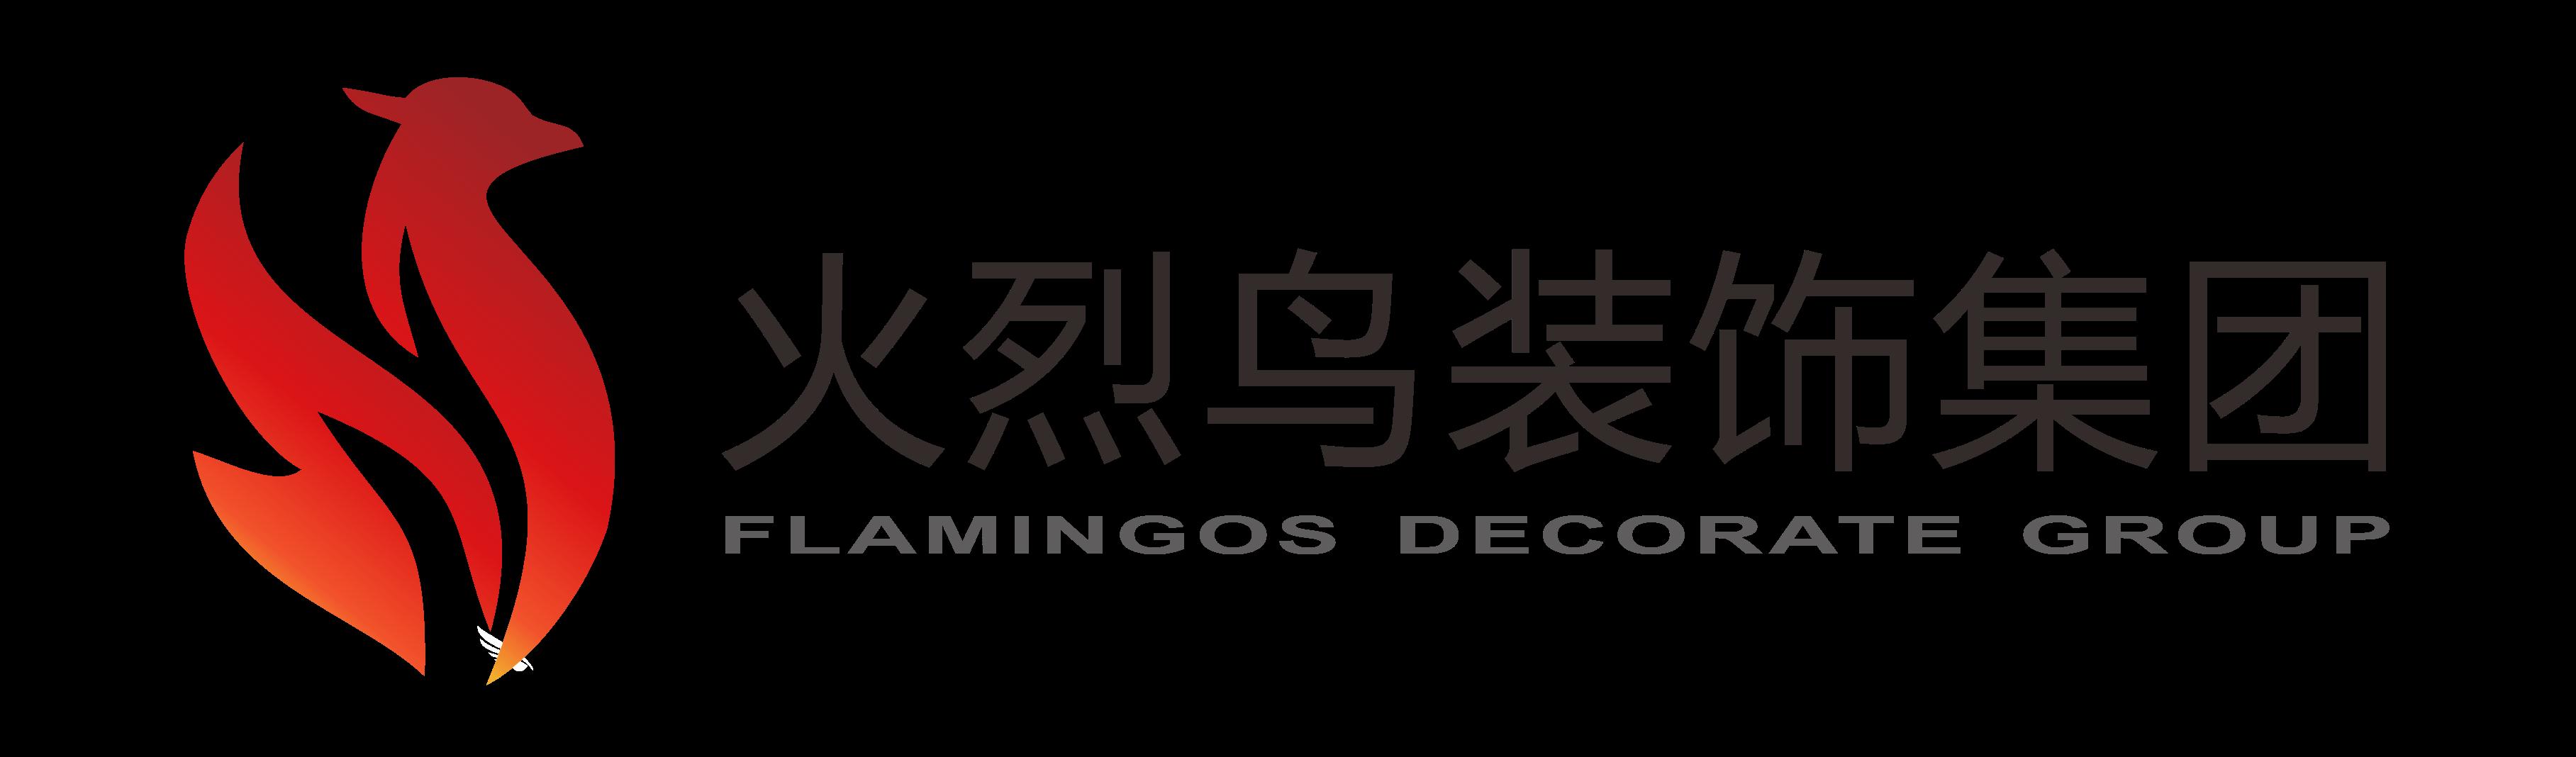 广西火烈鸟装饰工程有限公司 - 南宁装修公司